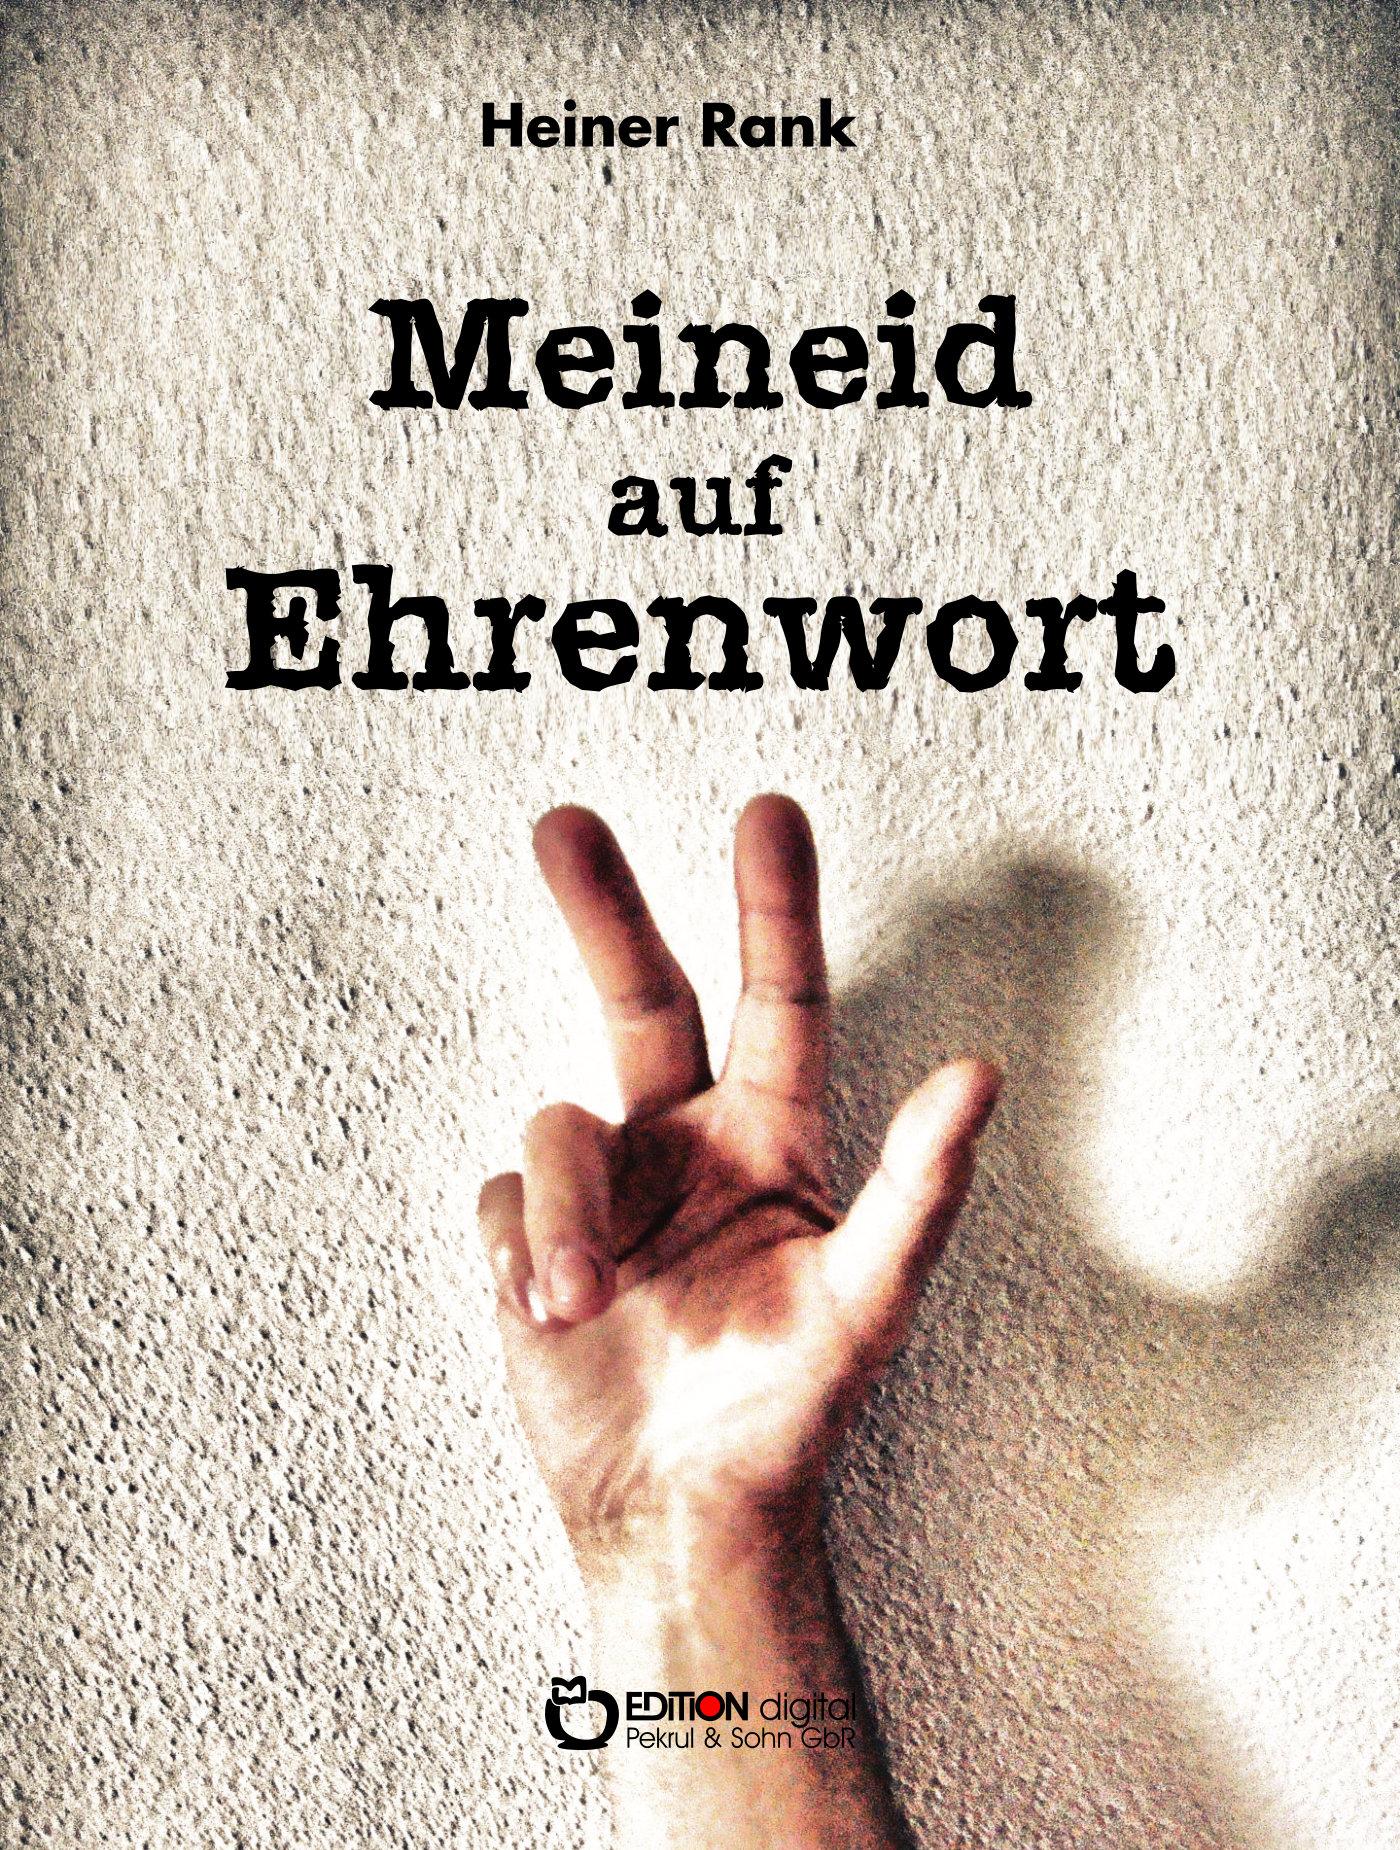 Meineid auf Ehrenwort. Kriminalroman von Heiner Rank